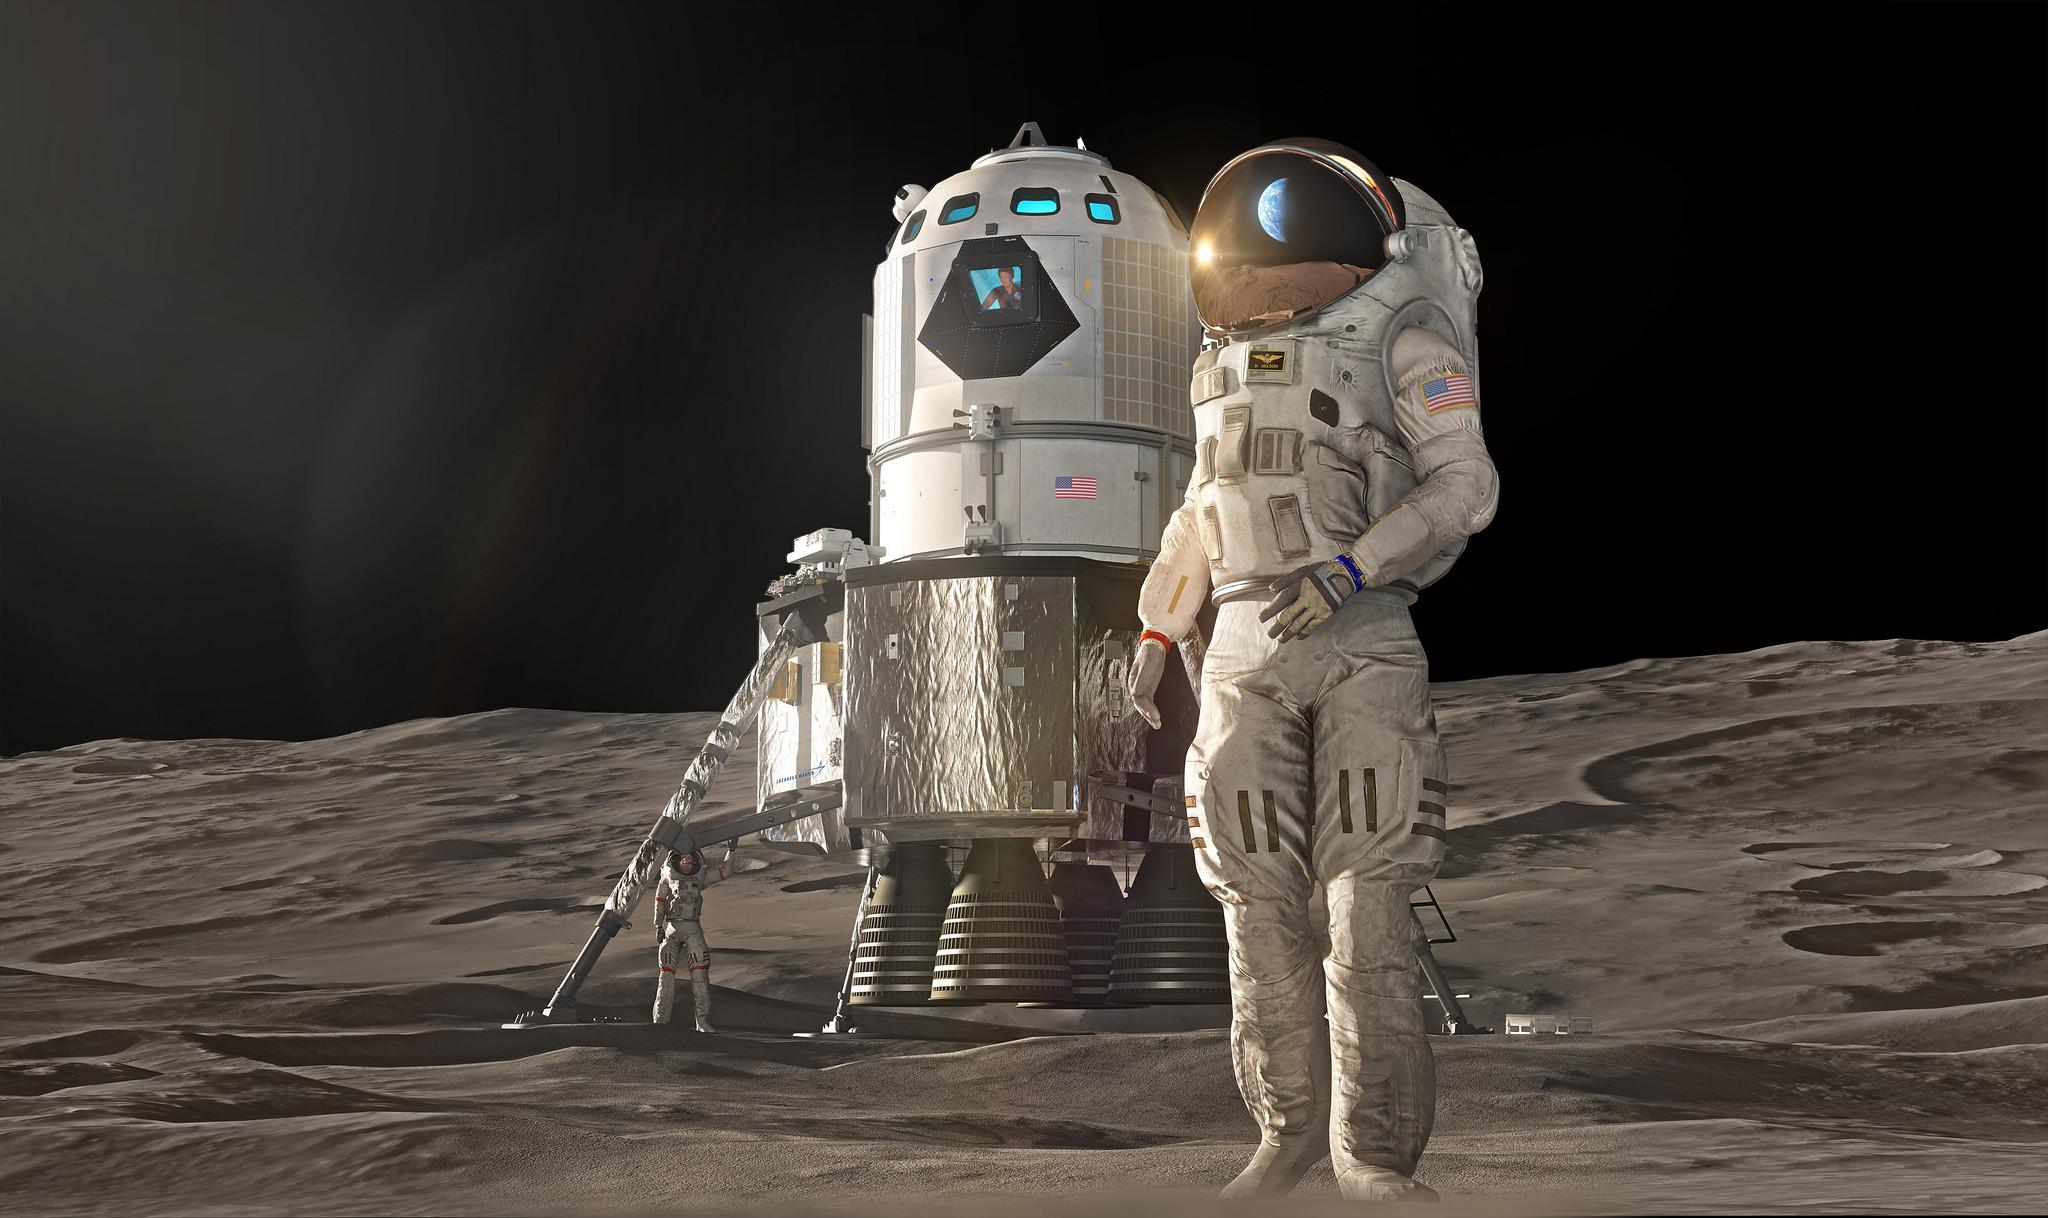 Weltraum-Wettrennen der Milliardäre: Was vom Megatrend Weltraum-Tourismus aus Anlegersicht auch mit Hilfe des TraderFox-Härtetest zu halten ist